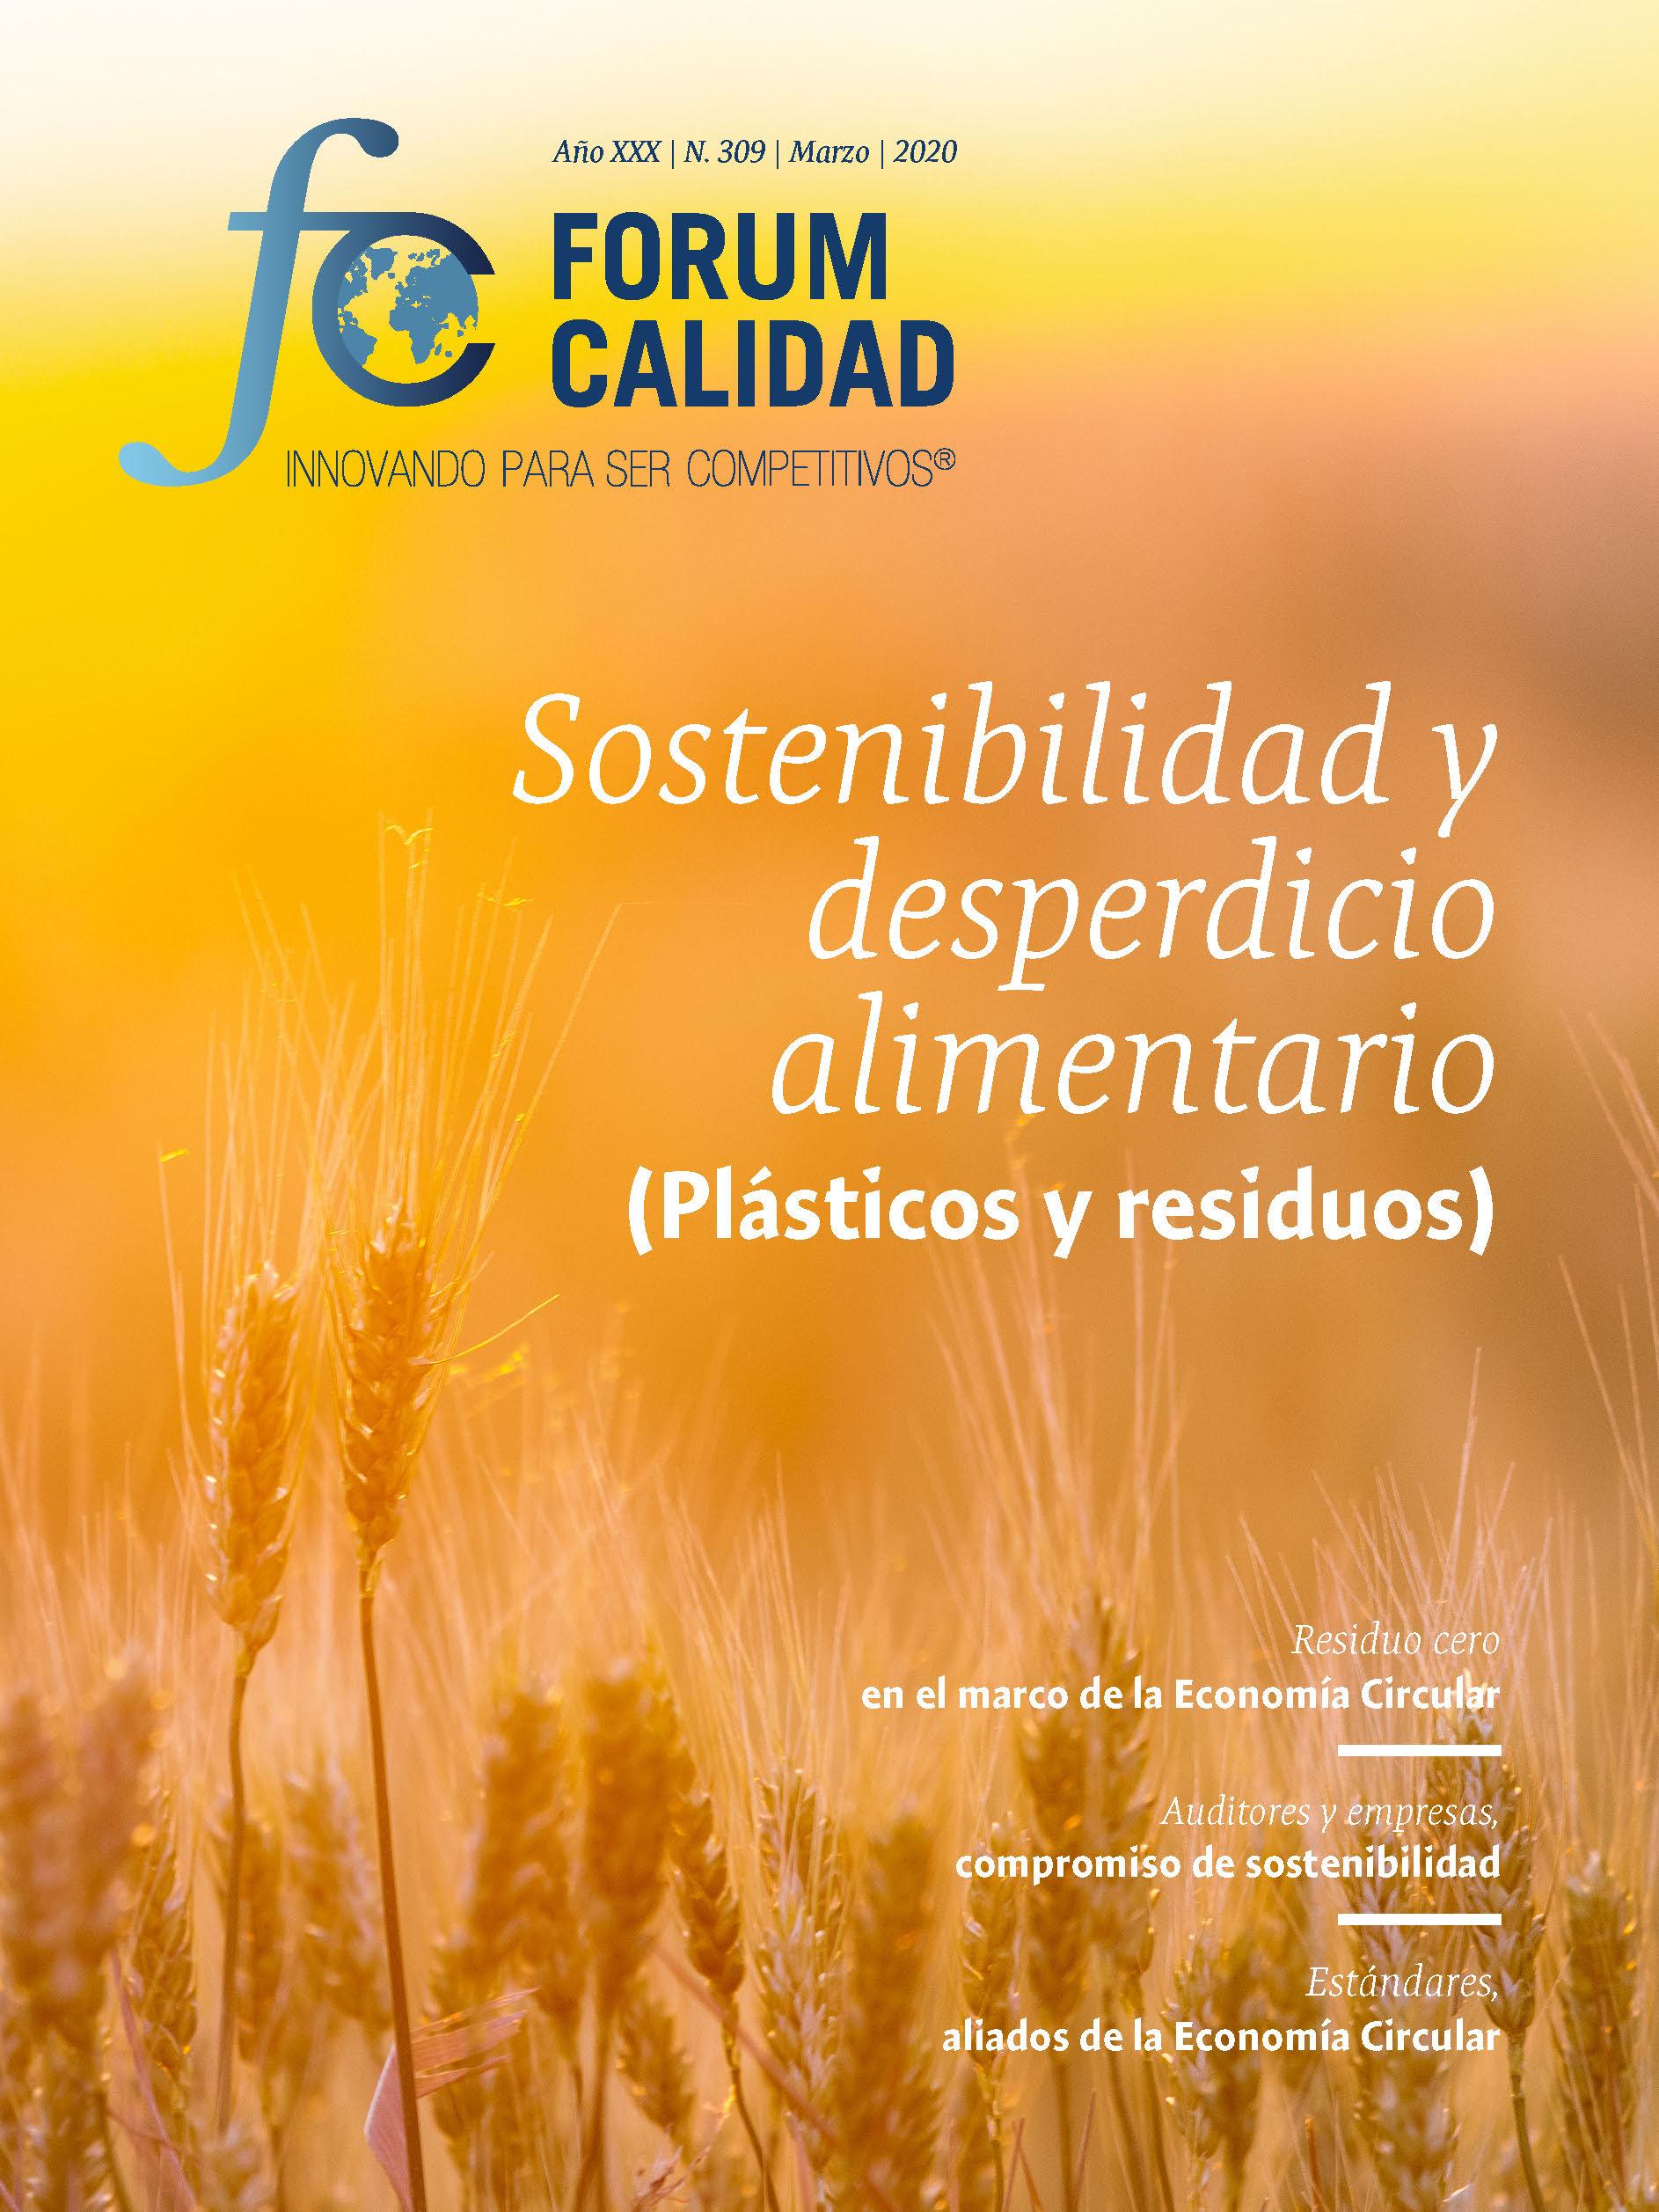 Forum Calidad nº 309 Marzo 2020